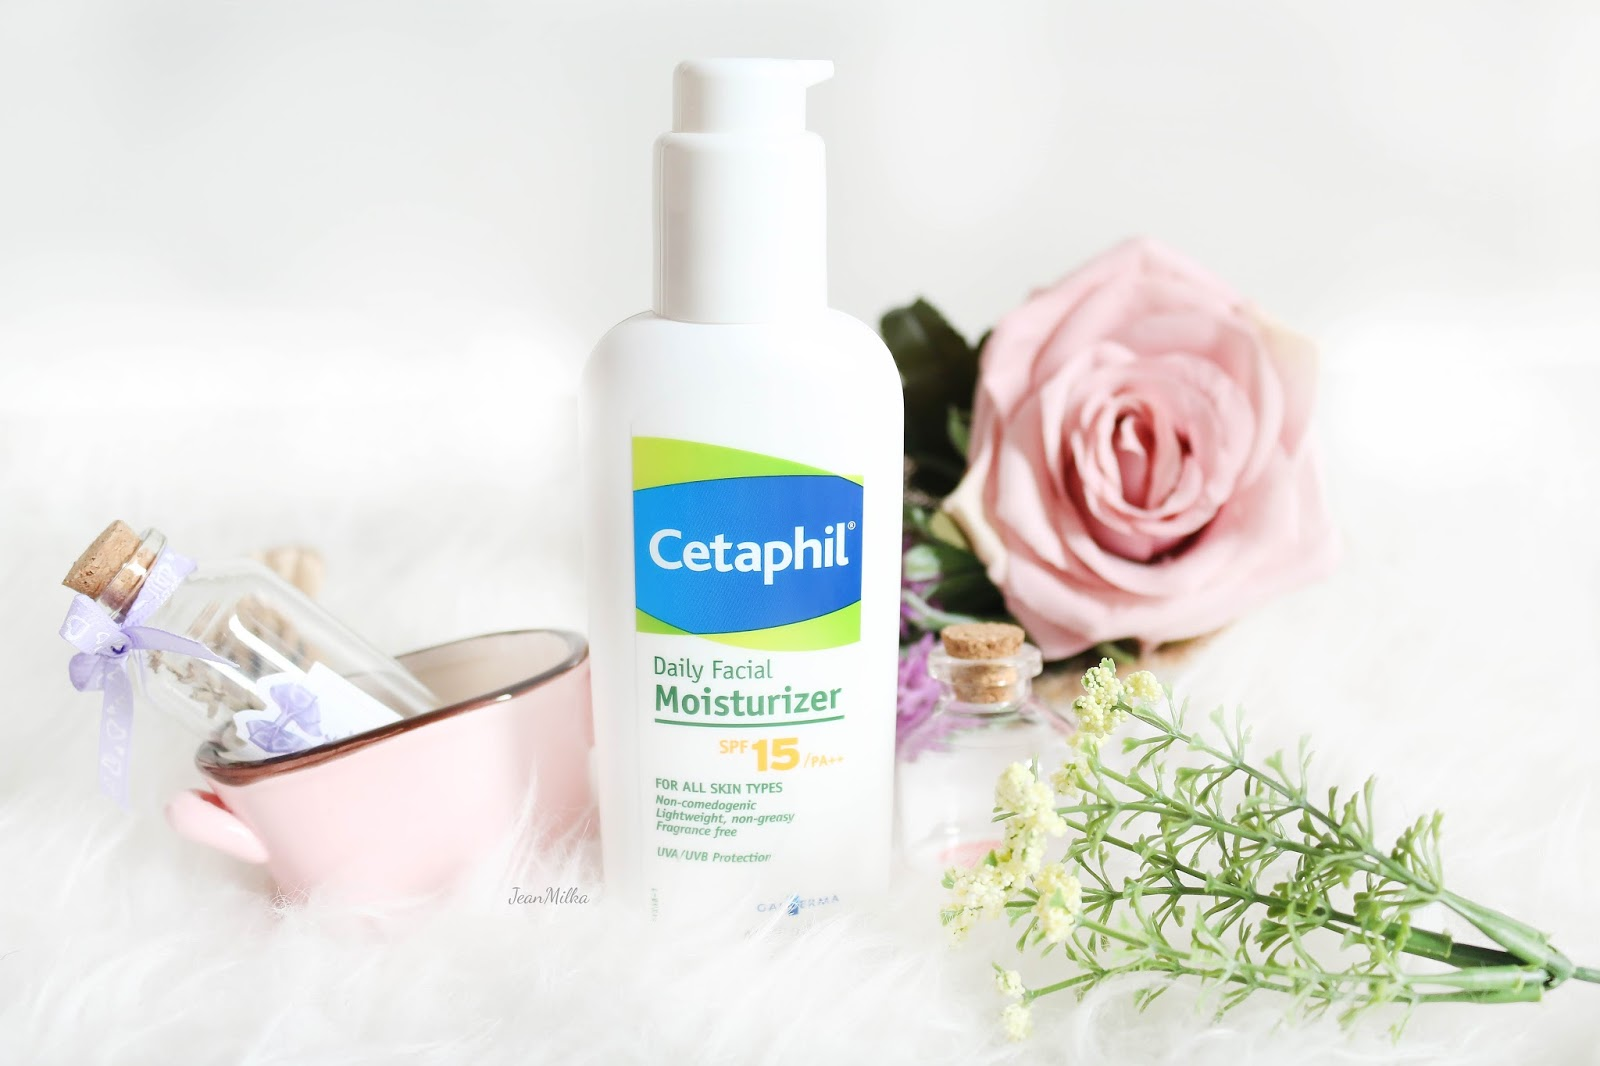 cetaphil, skincare, cetaphil skincare, review, product review, skincare murah, drugstore, drugstore skincare, cetaphil experience, cetaphil indonesia, indonesia. experience cetaphil, cetaphil daily moisturizer